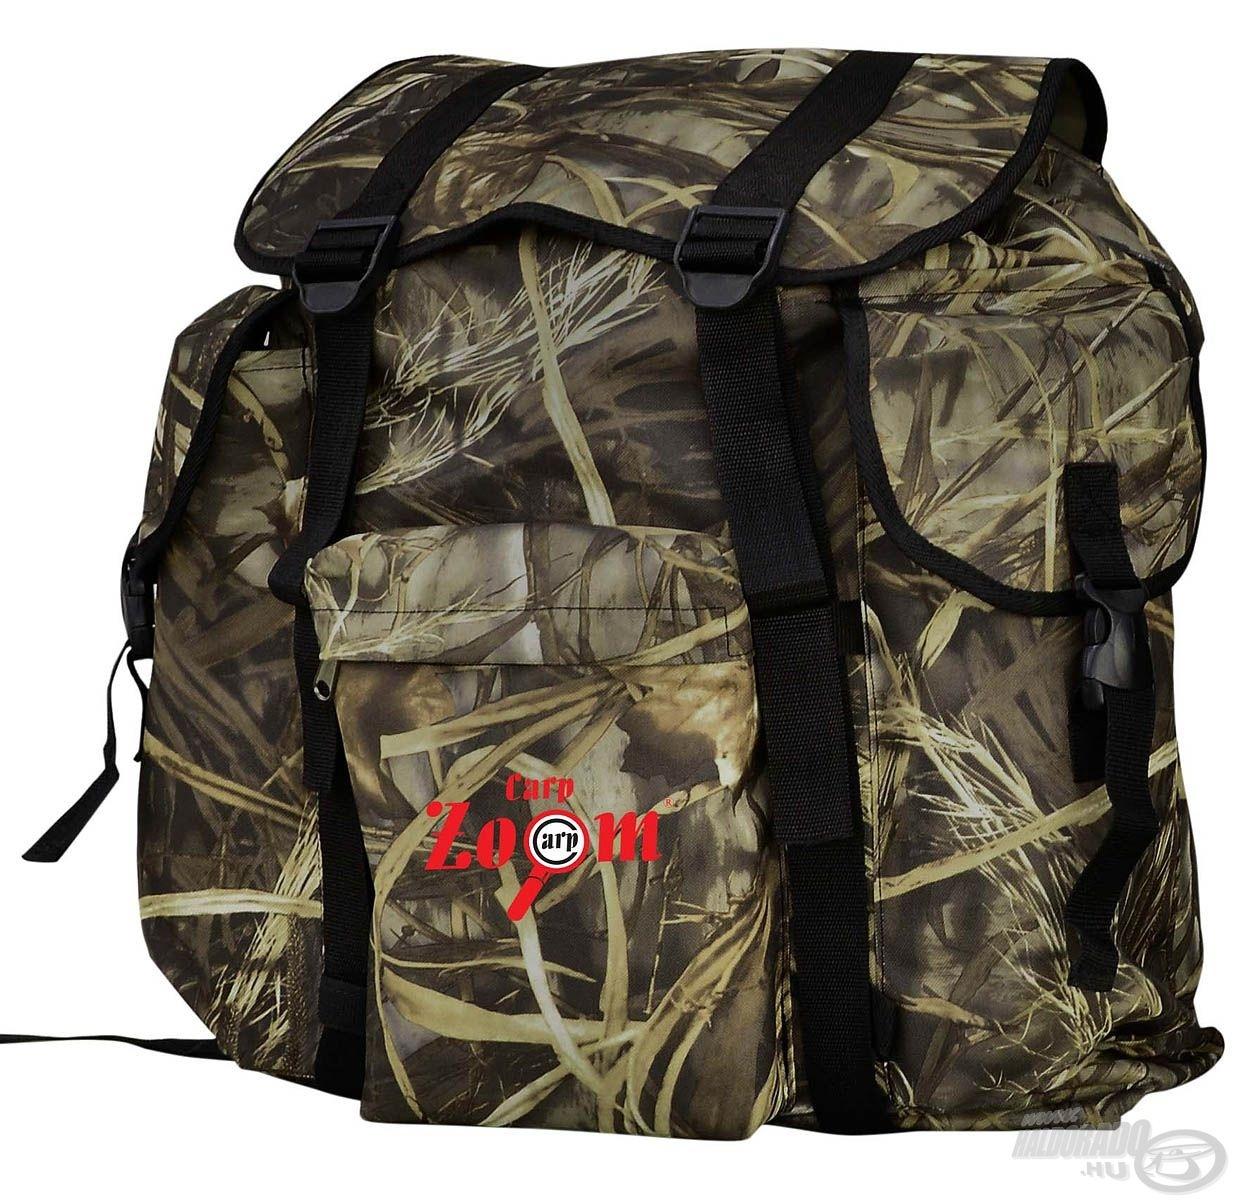 Az egyedi, különleges táskákat kedvelő horgászoknak és természetjáróknak remek választás ez az esőálló hátizsák